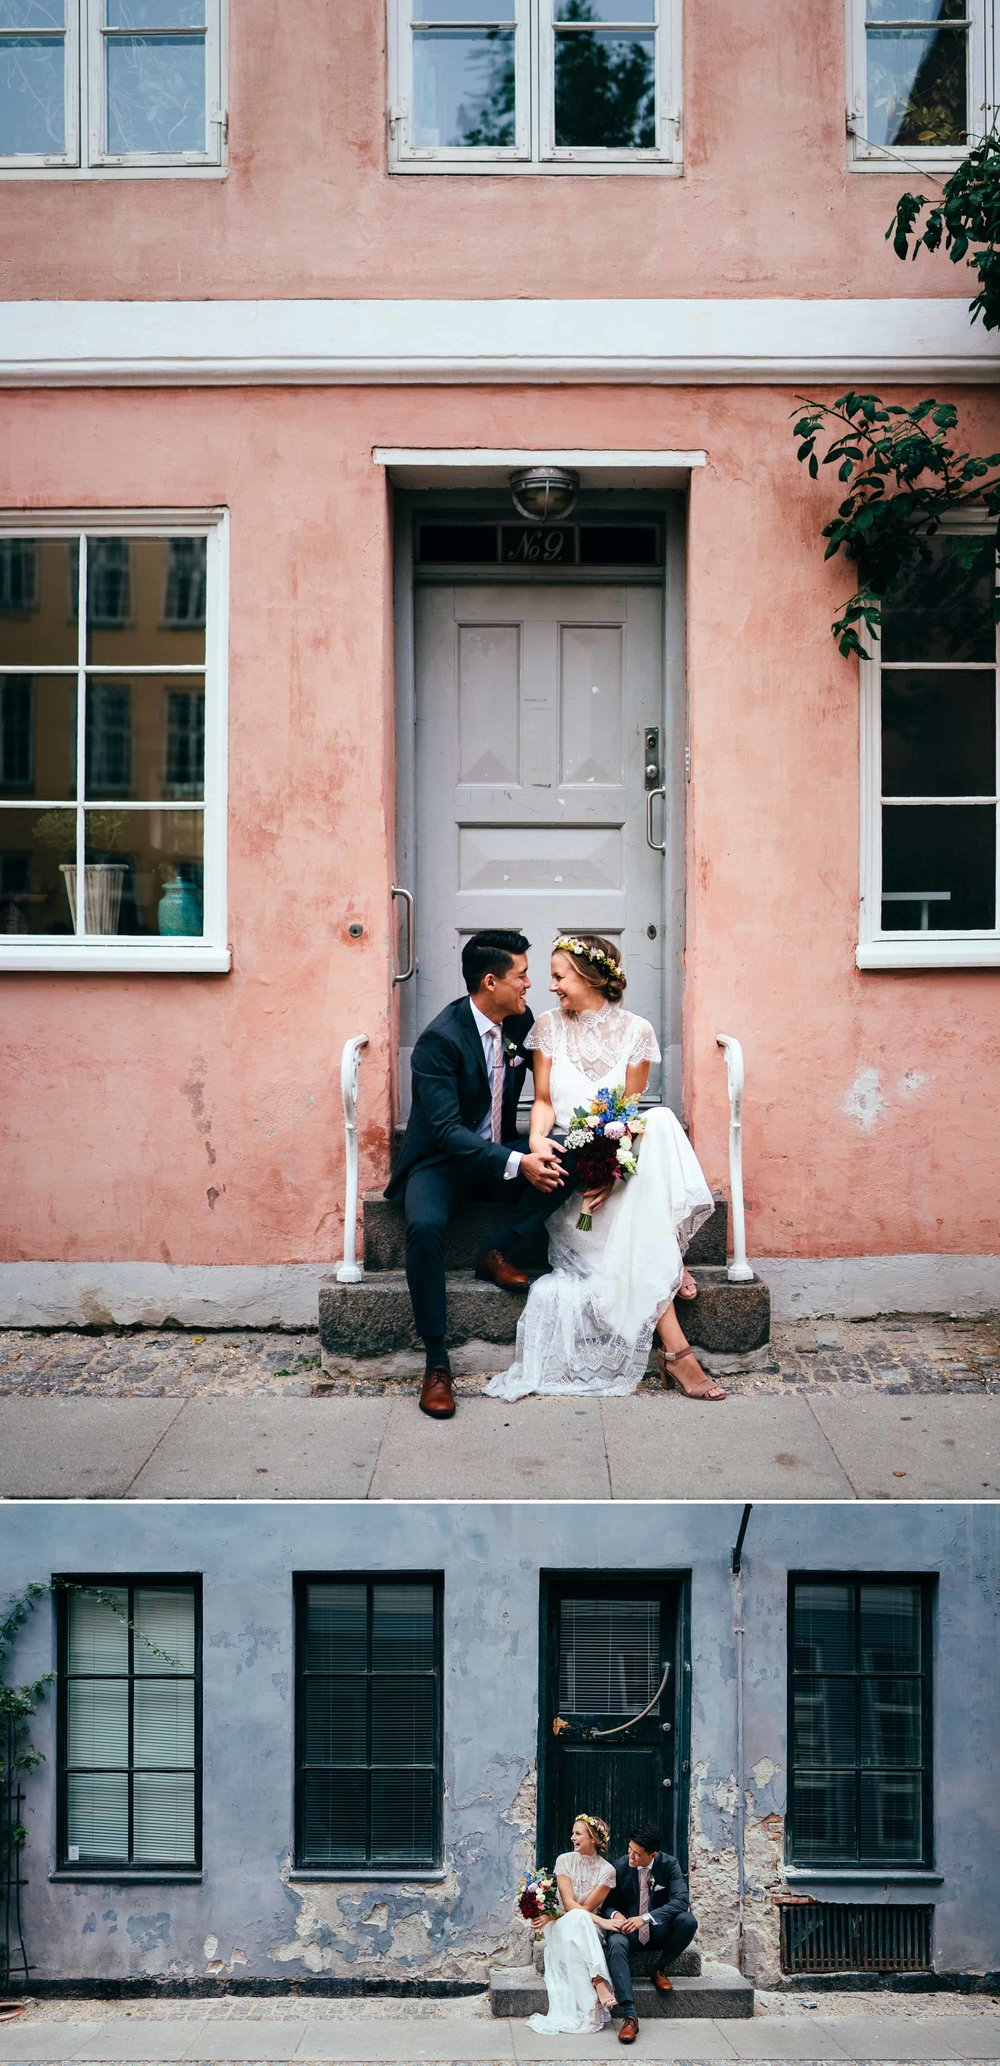 brudepar-foran-flotte-farvede-bygninger-i-københavn-bryllupsfotograf.jpg